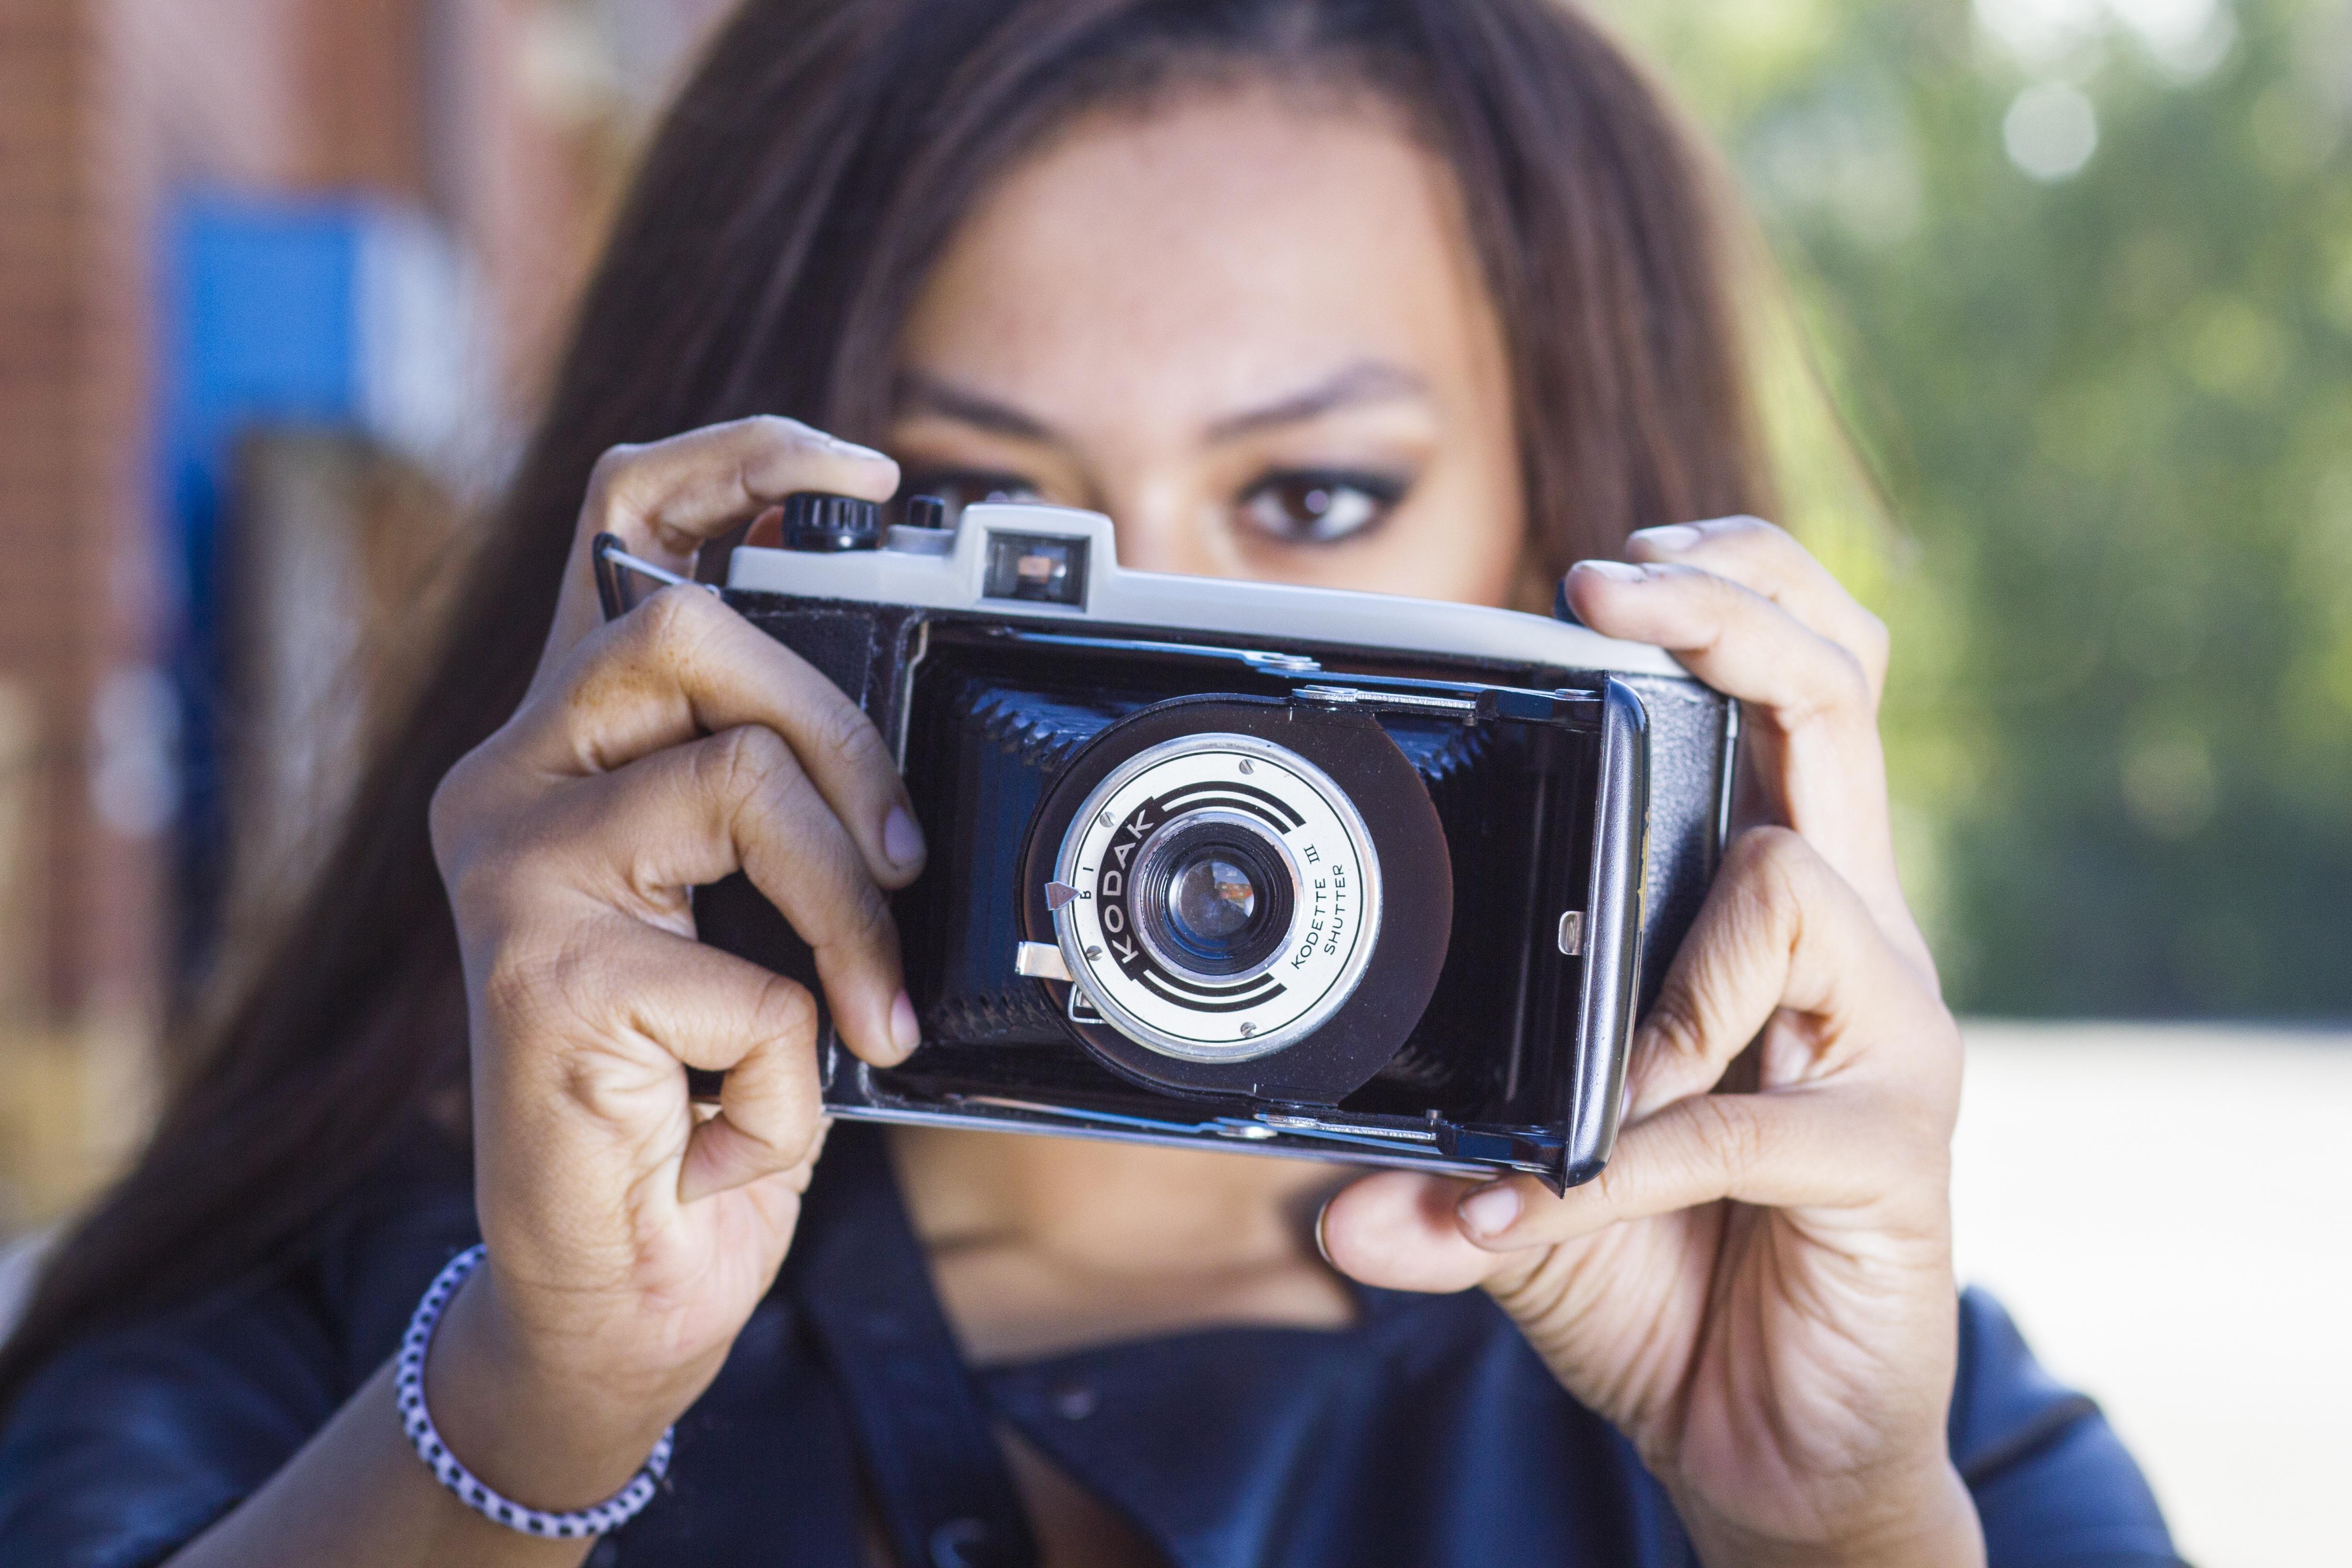 исходе фото человеческого глаза на фотоаппарате лабораторный купить, большой